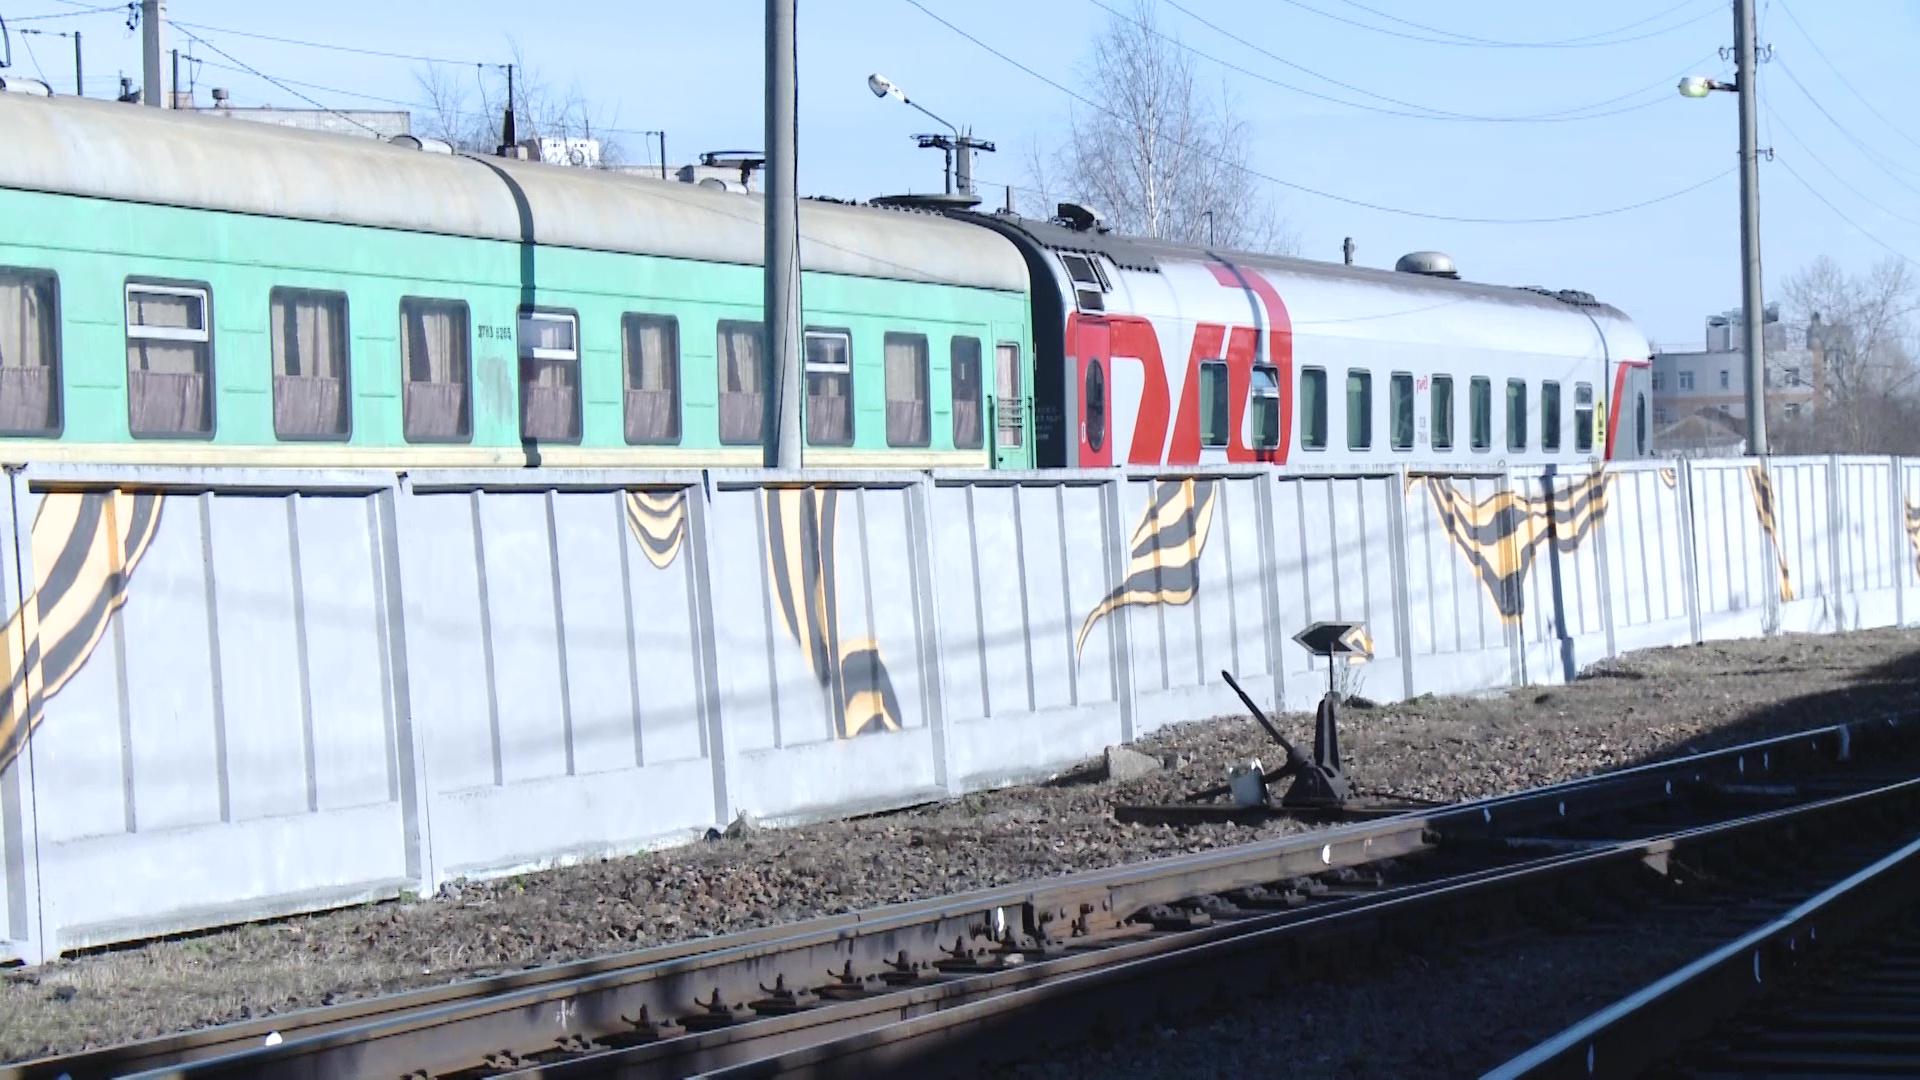 Прибывающие на Ярославль-Главный пассажиры смогут увидеть граффити – георгиевскую ленту